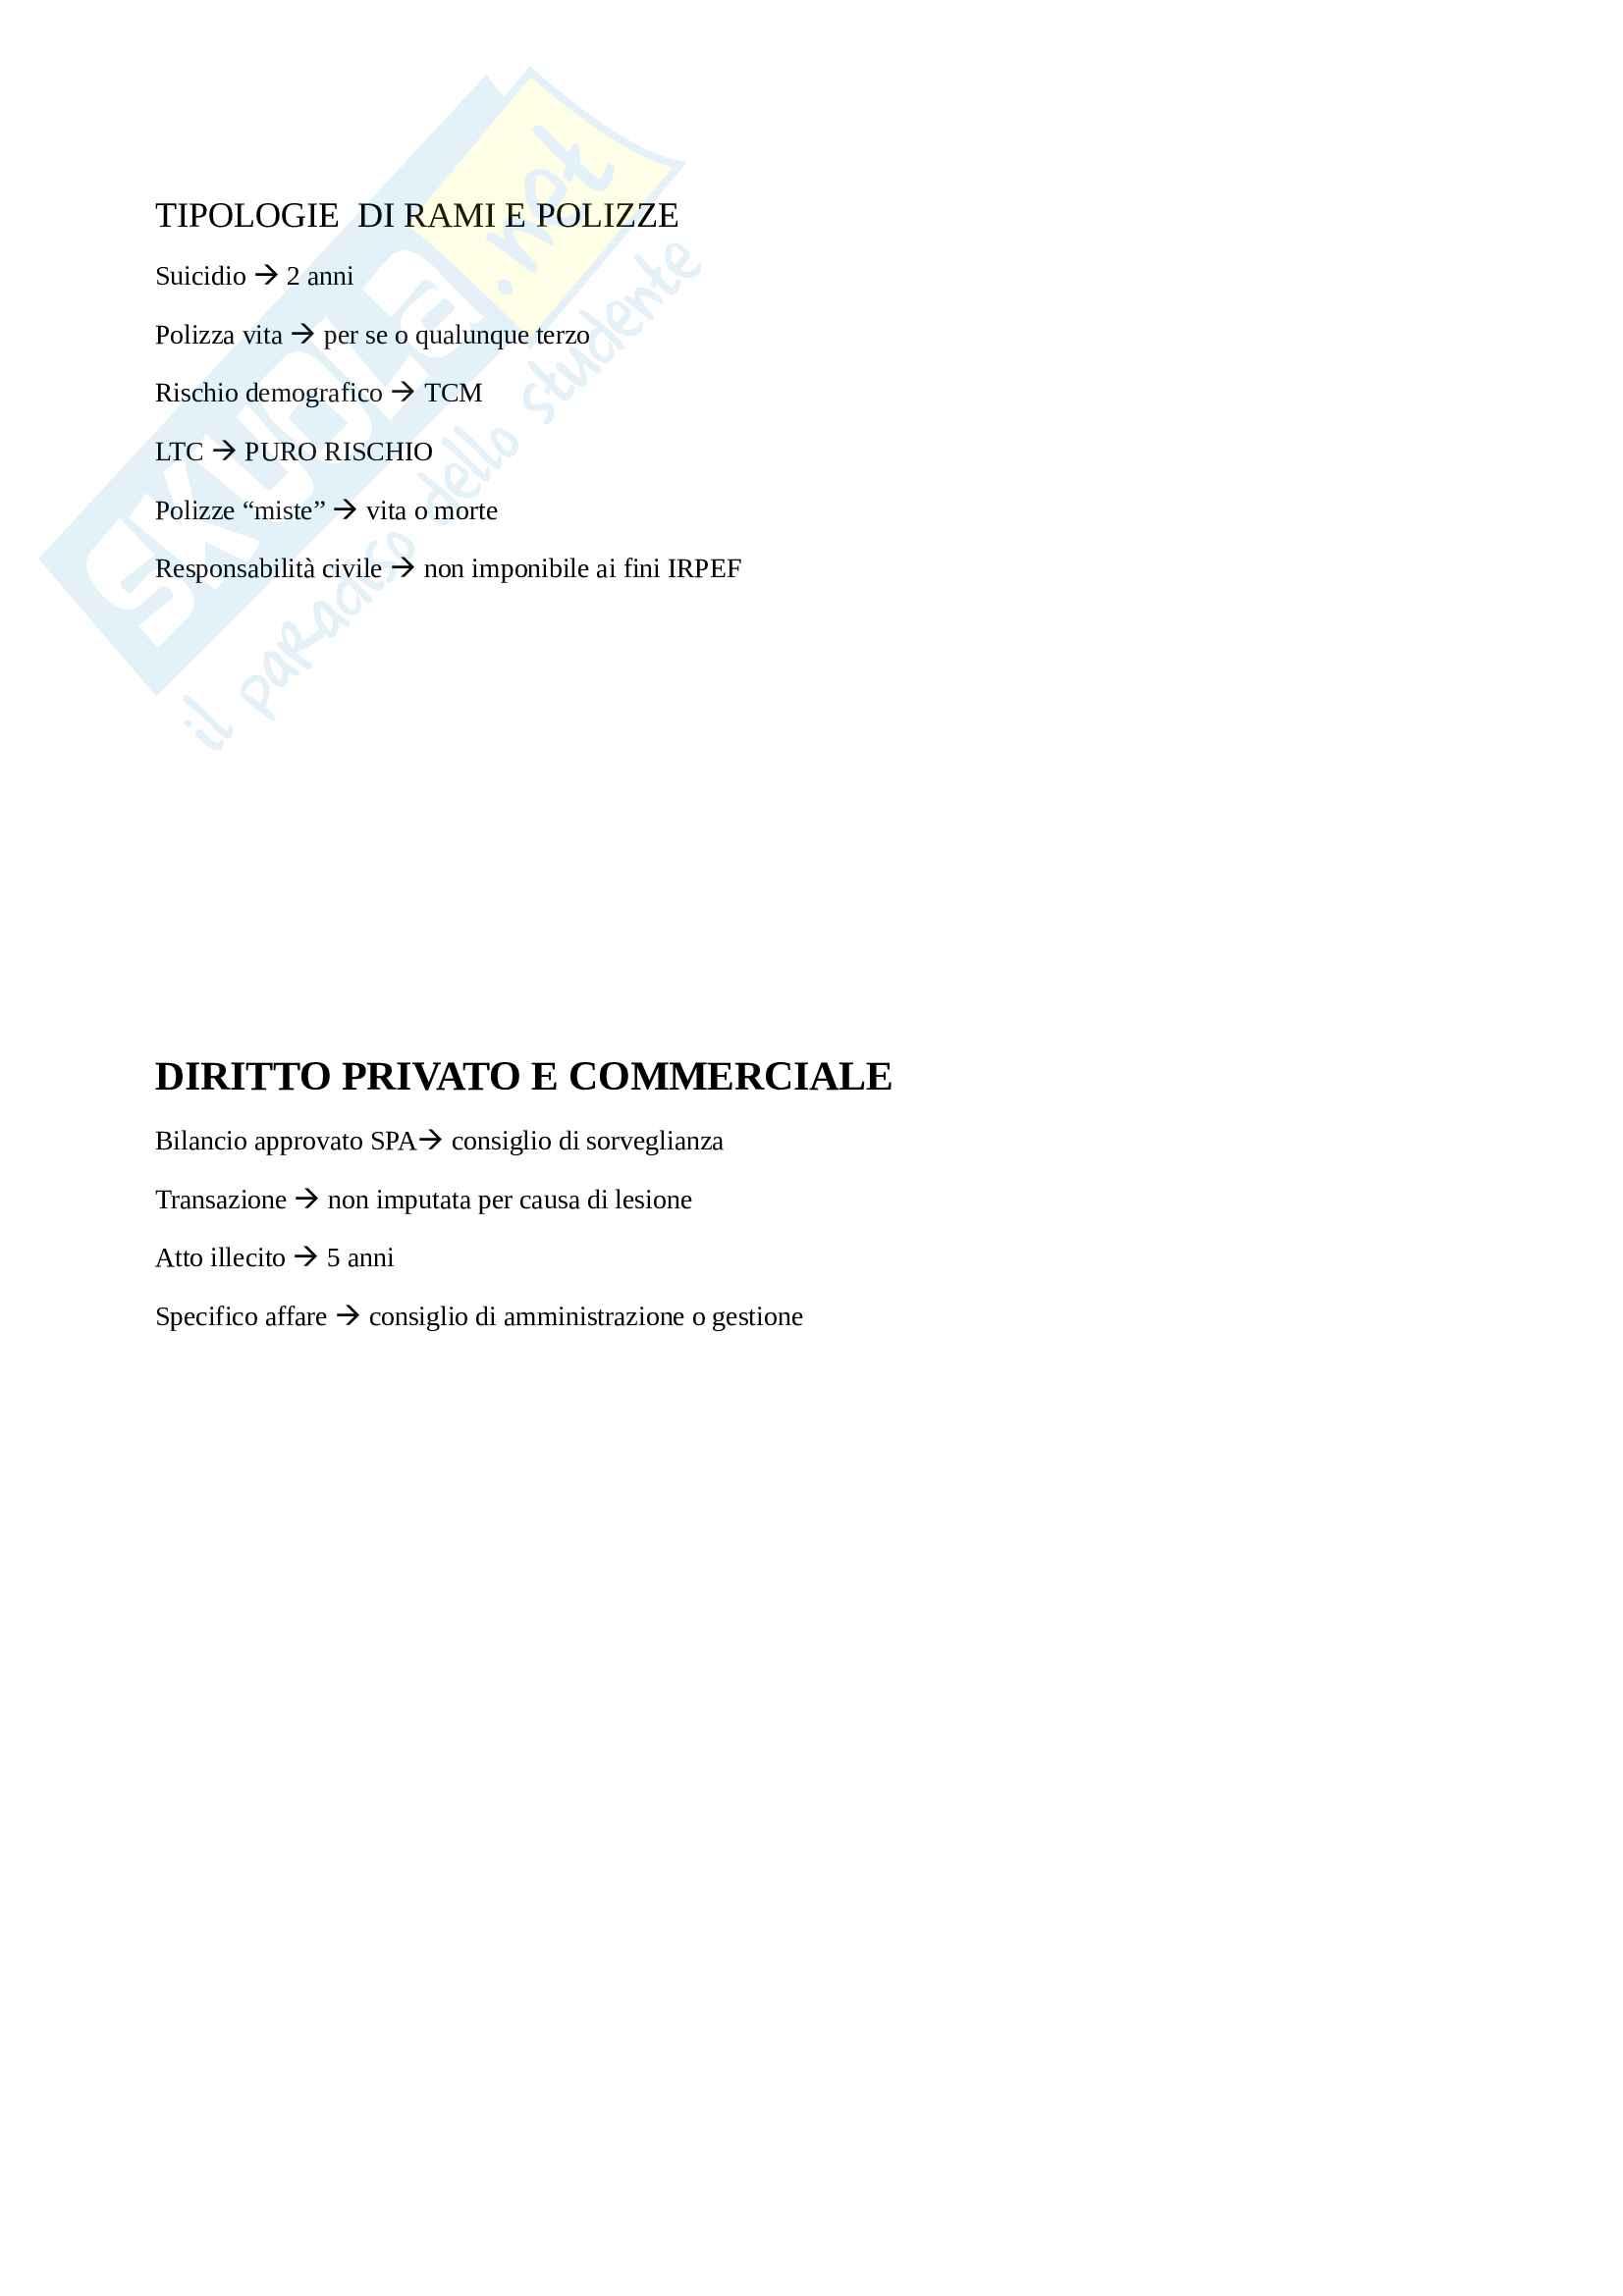 Preparazione esame organismo consulenti finanziari, consulenti finanziari abilitati all'offerta fuori sede Pag. 31